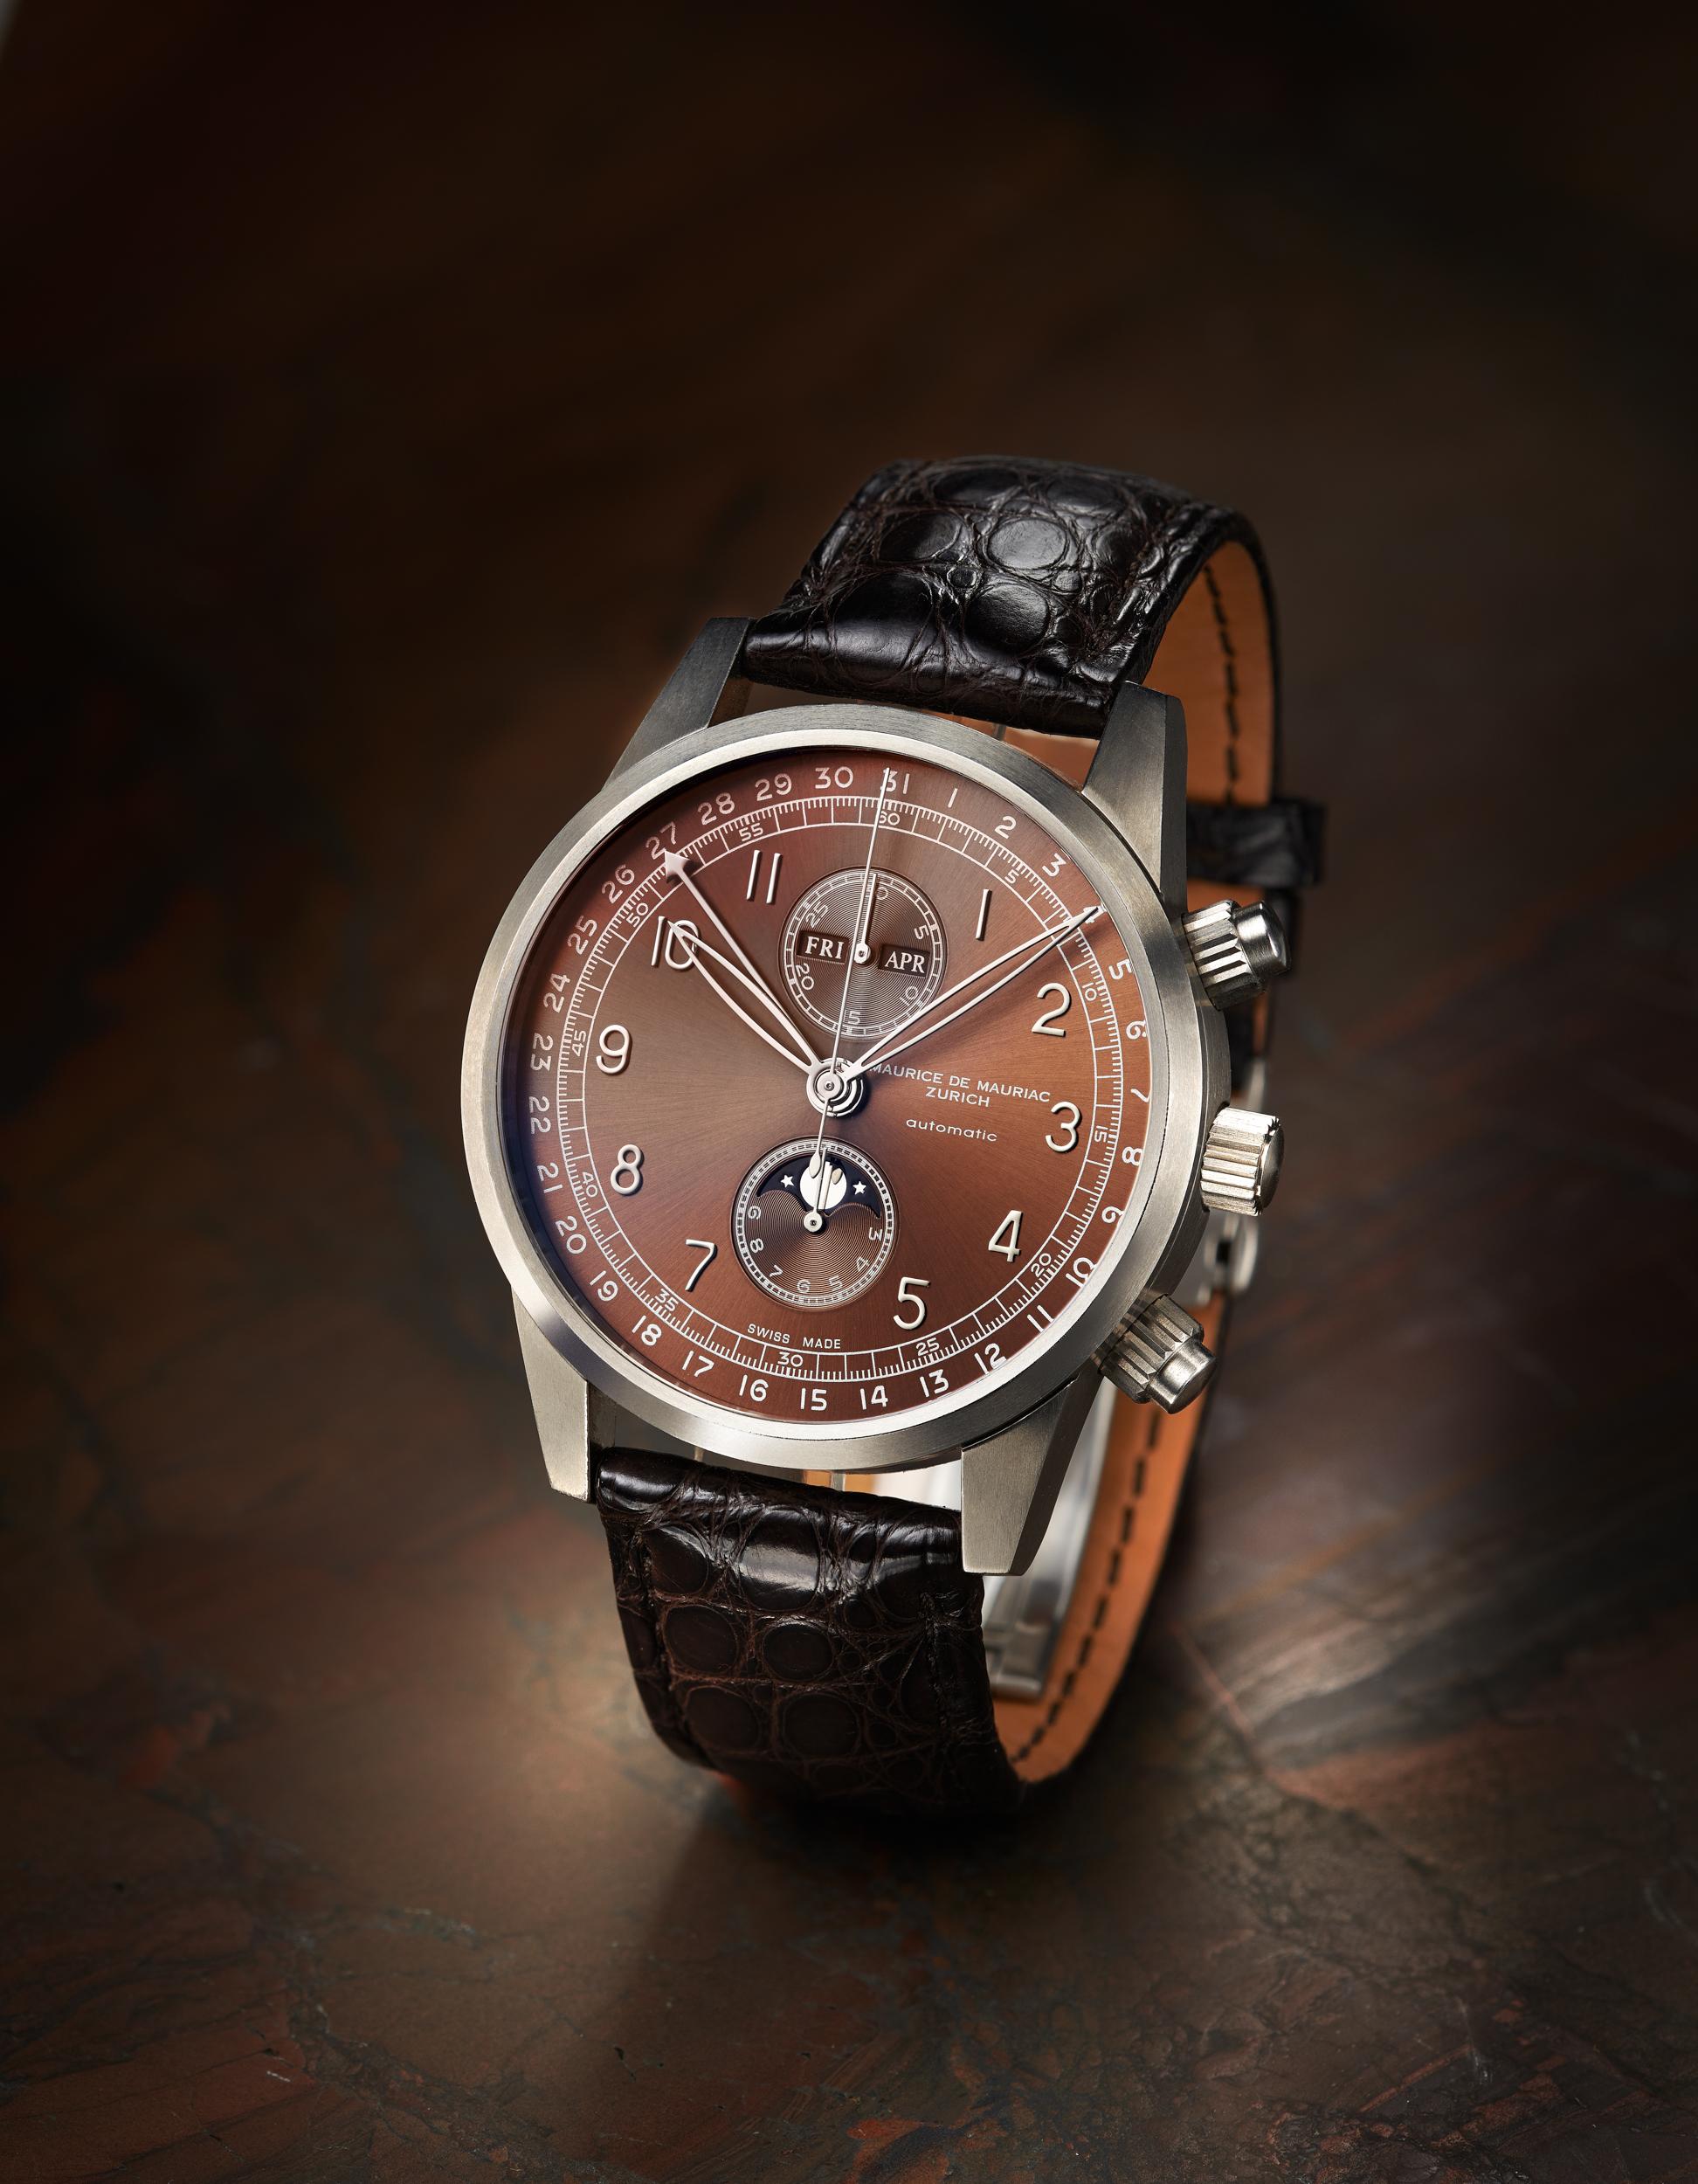 Uhrenfotografie Maurice de Mauriac Zürich, Mondphasen, Uhrenfotografie, Zürich, Schweizuhr